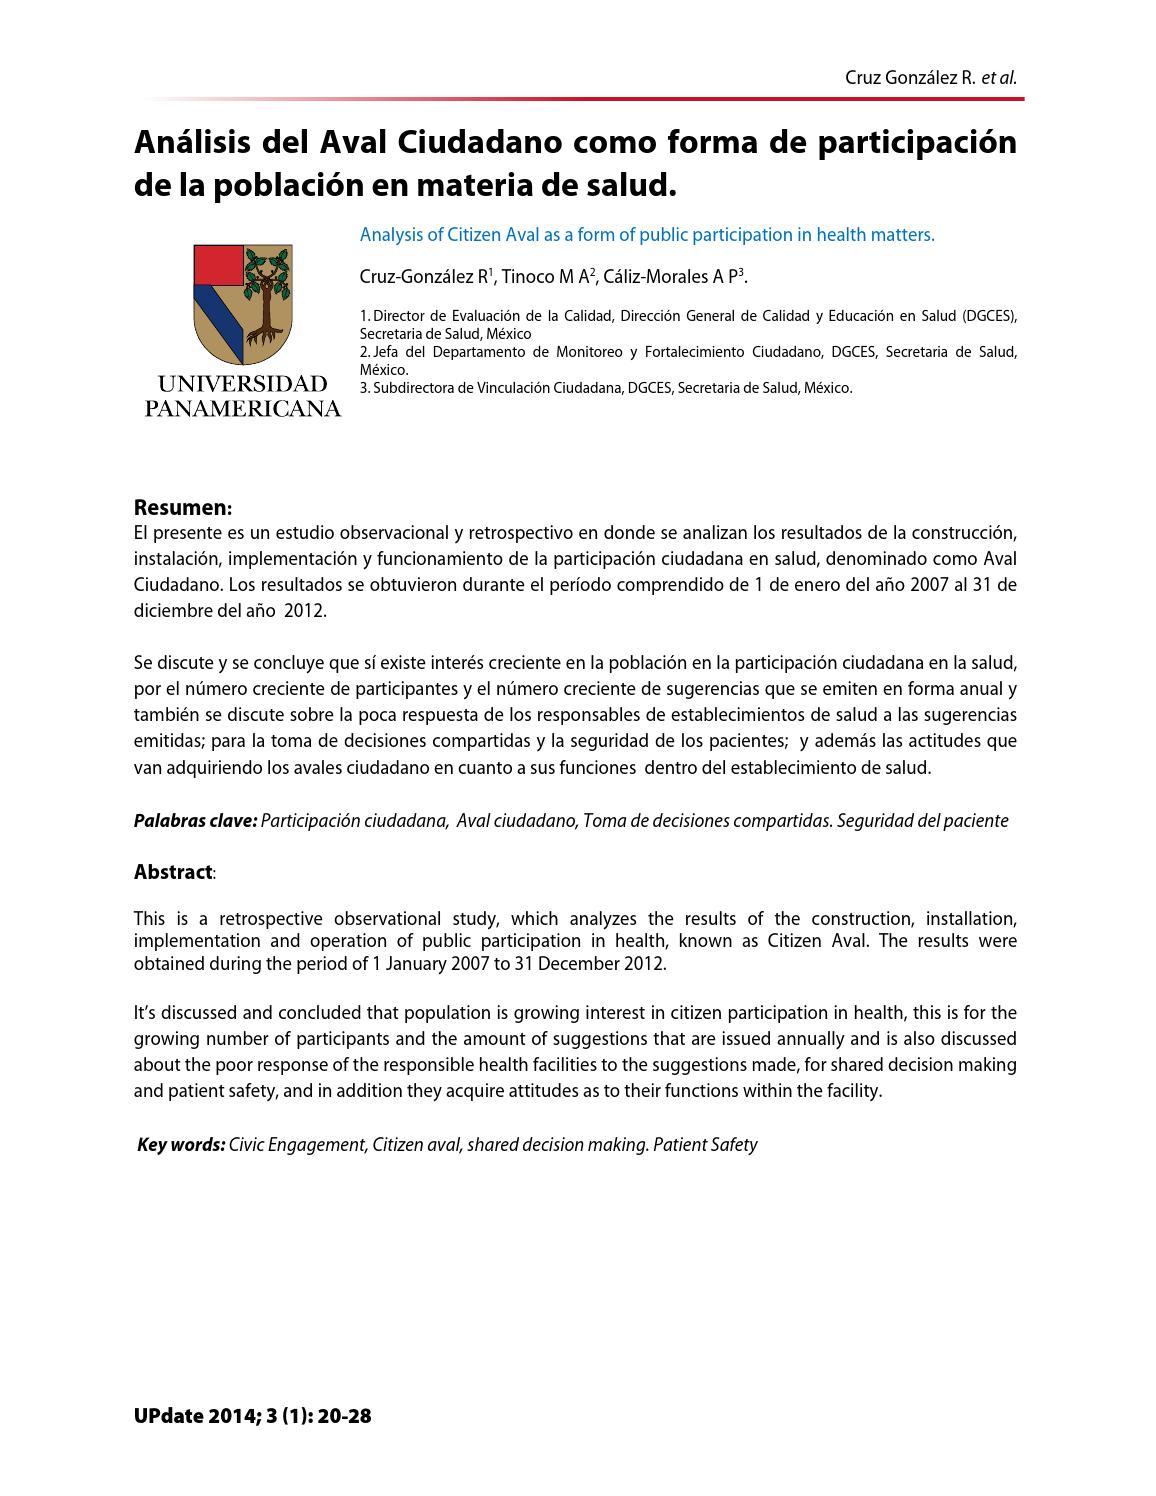 Avalciudadano by UPdate Journal of Medicine - issuu